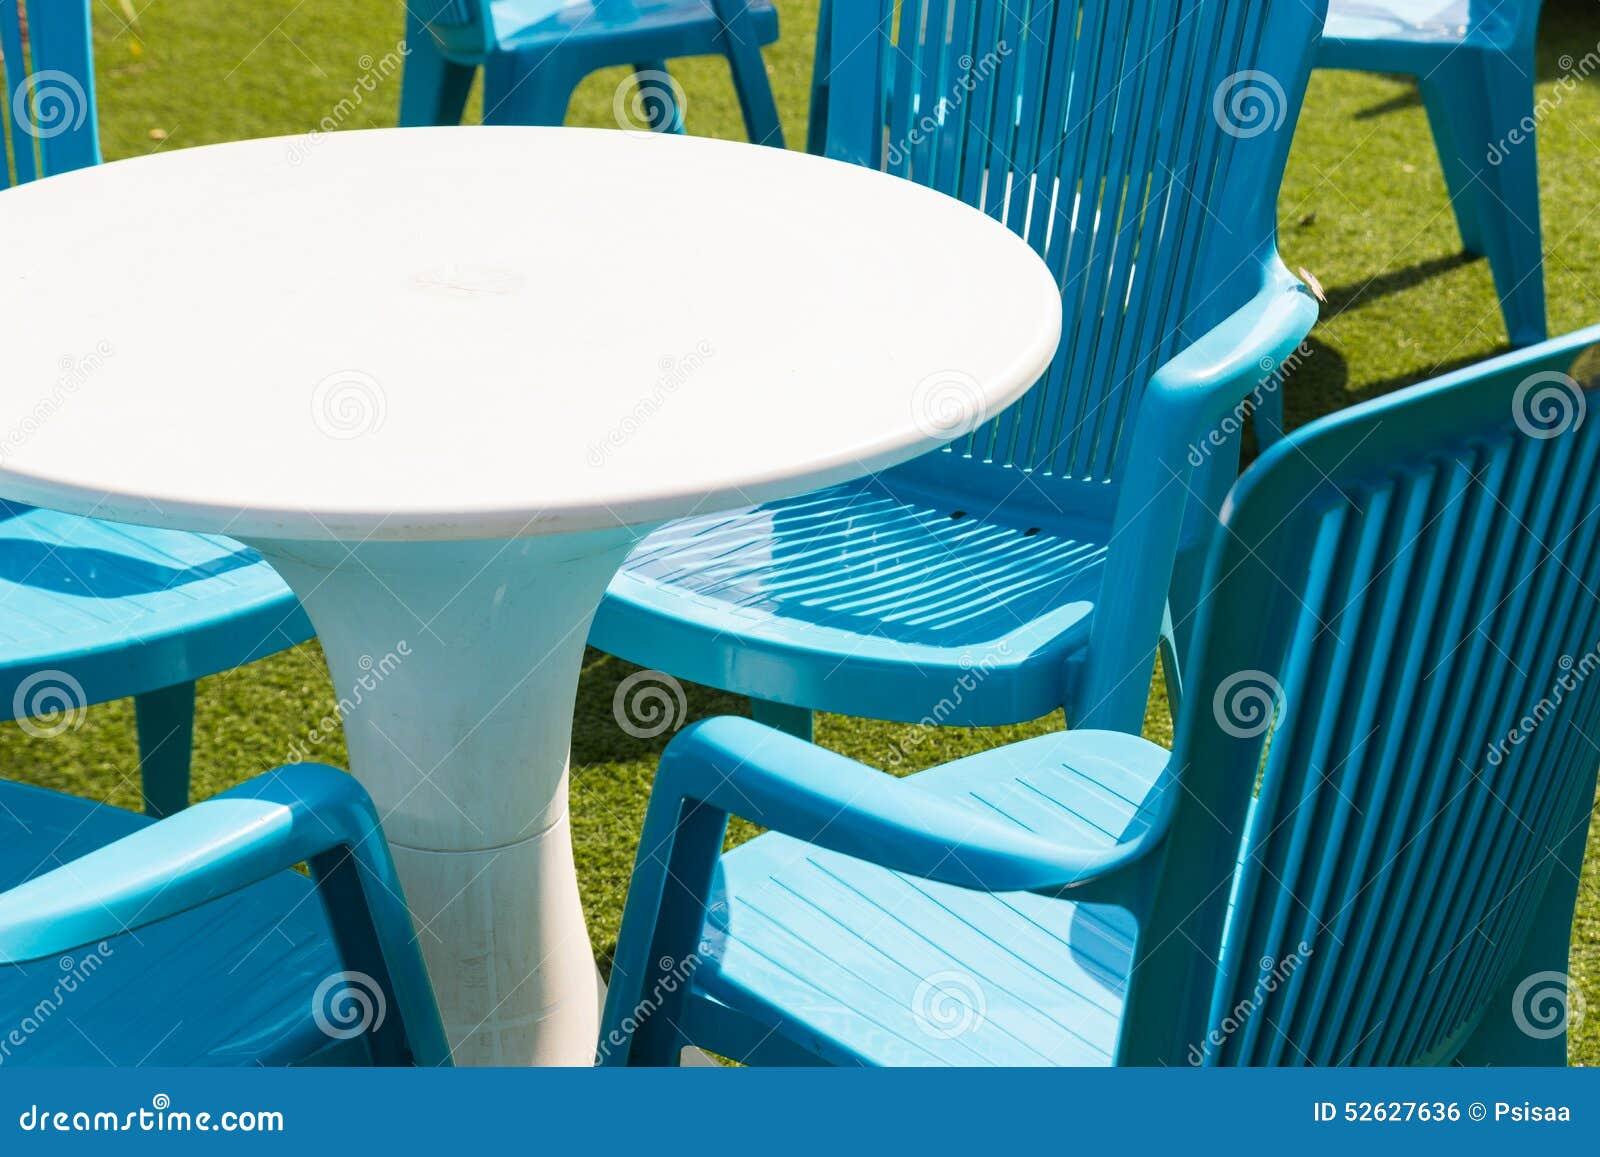 Bureau et chaise en plastique photo stock image du plastique